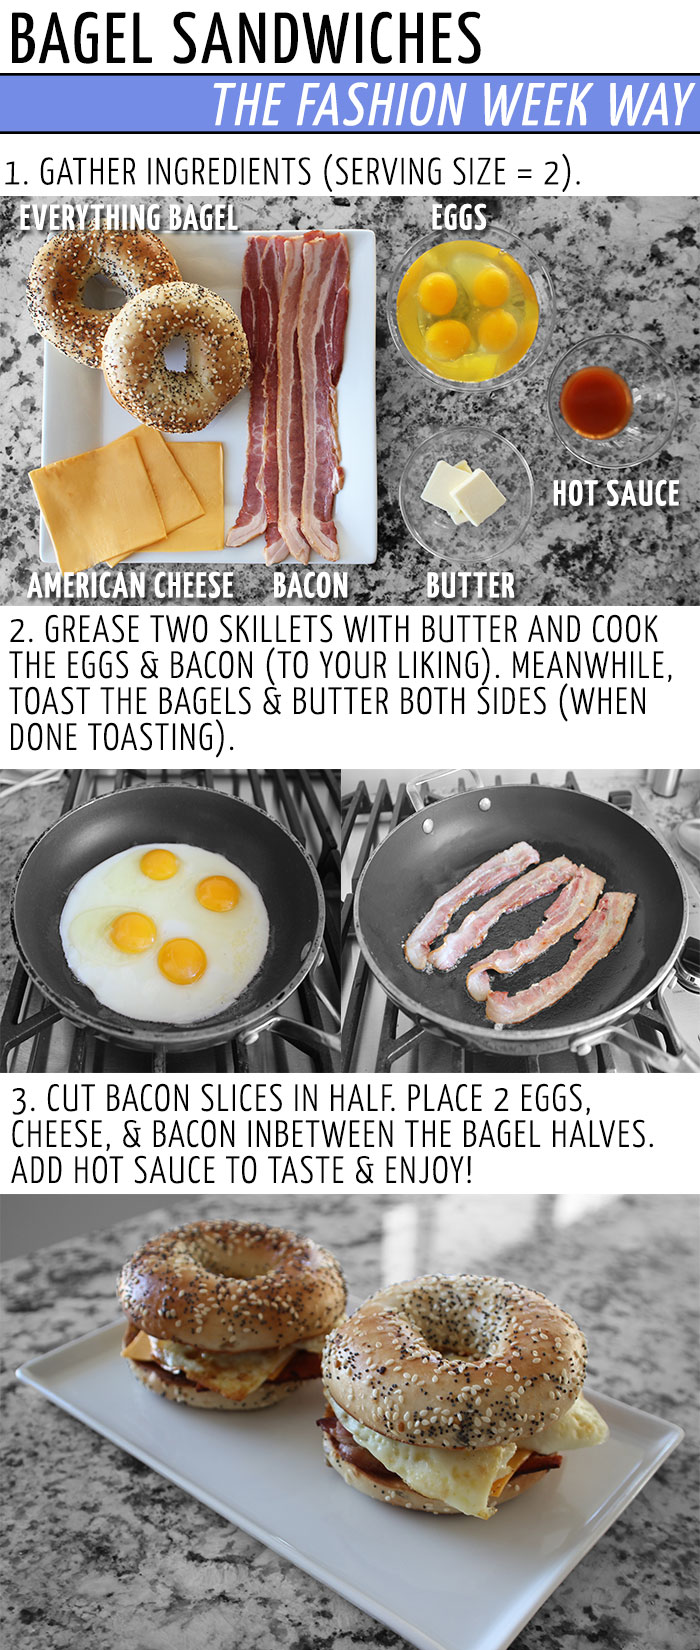 Bagel-Sandwich